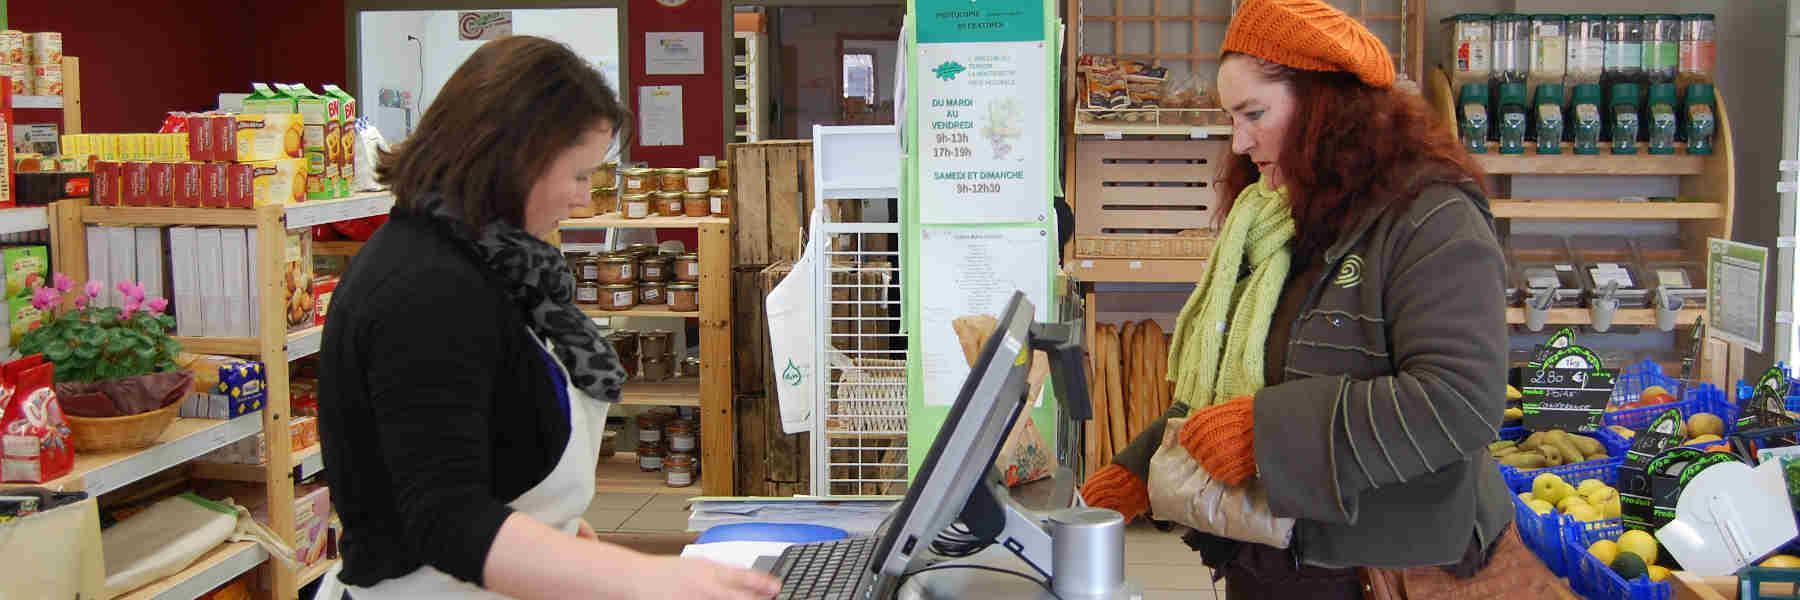 L'initiative de l'épicerie de Moutiers-sous-Argenton